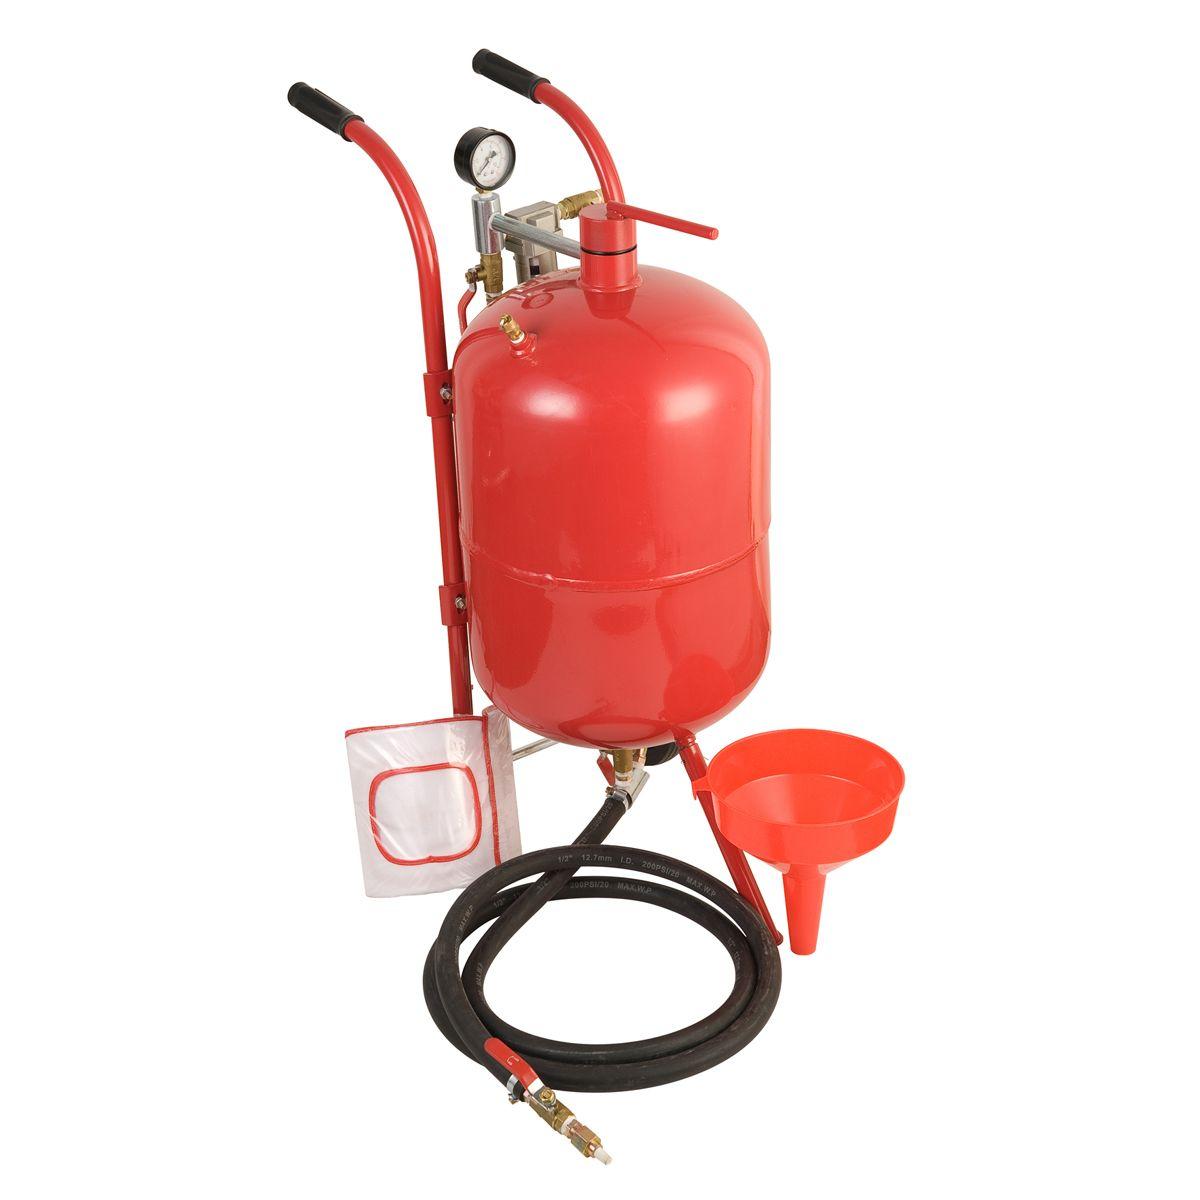 110 Lb Pressurized Abrasive Blaster In 2020 Abrasive Blaster Pressure Tanks Harbor Freight Tools